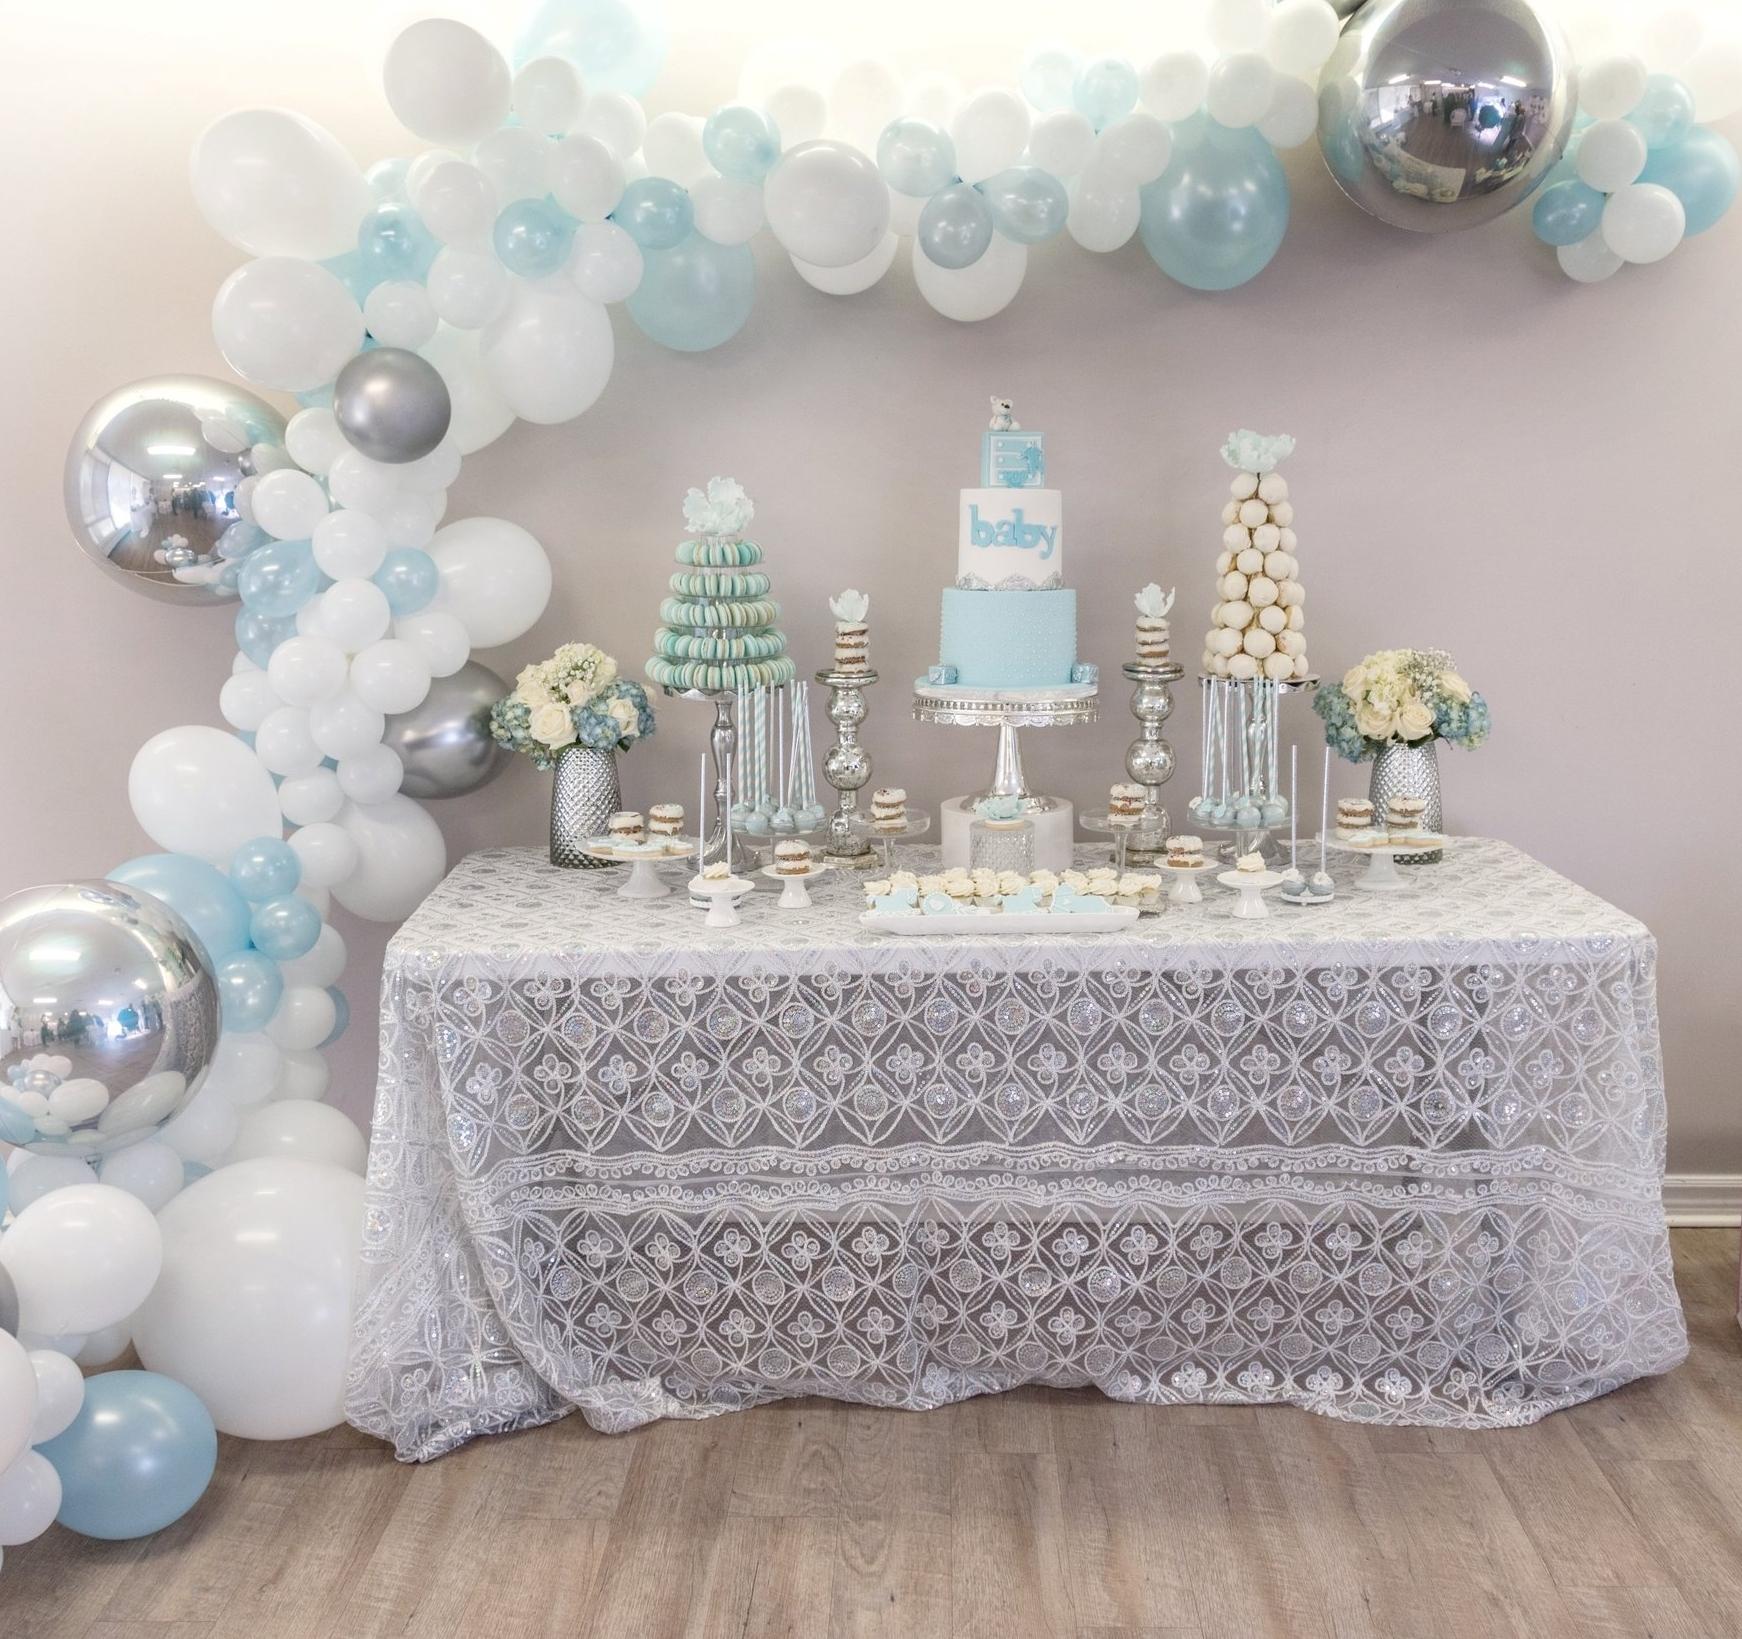 Baby Blue Baby Shower Dessert Table.JPG